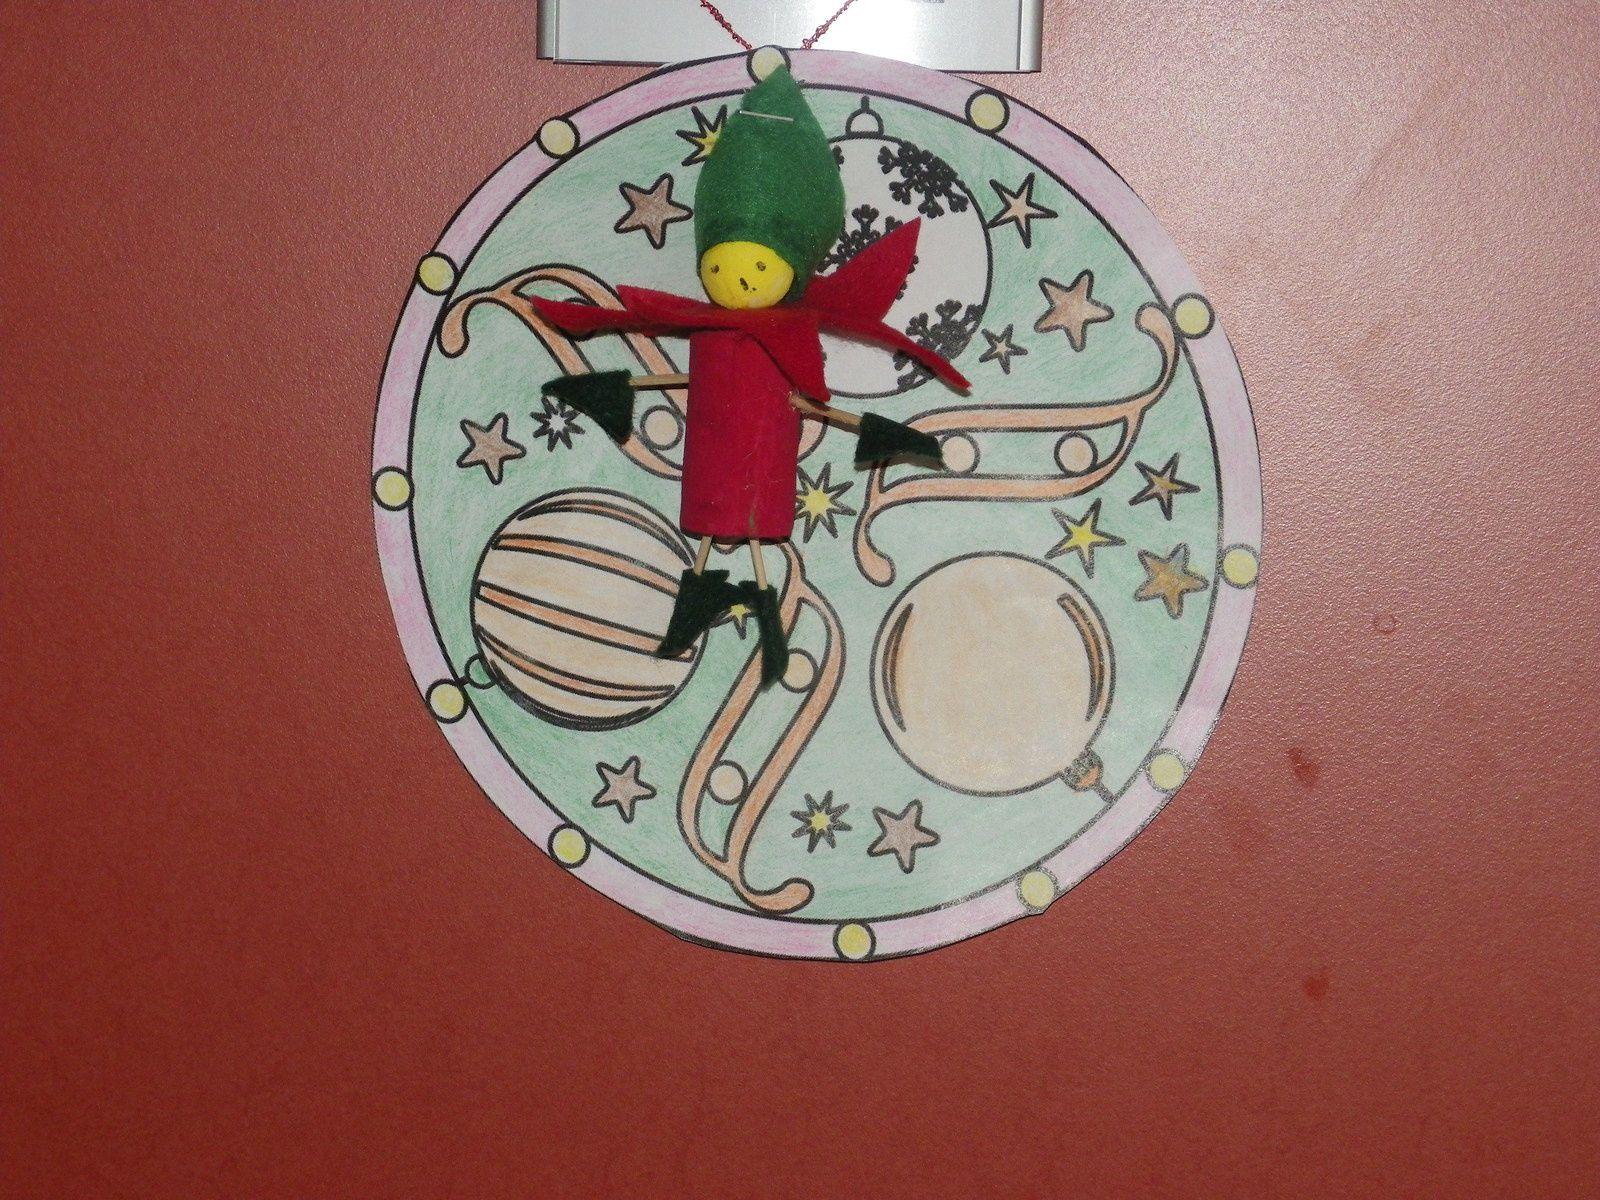 Décorations de Noël (suite!)